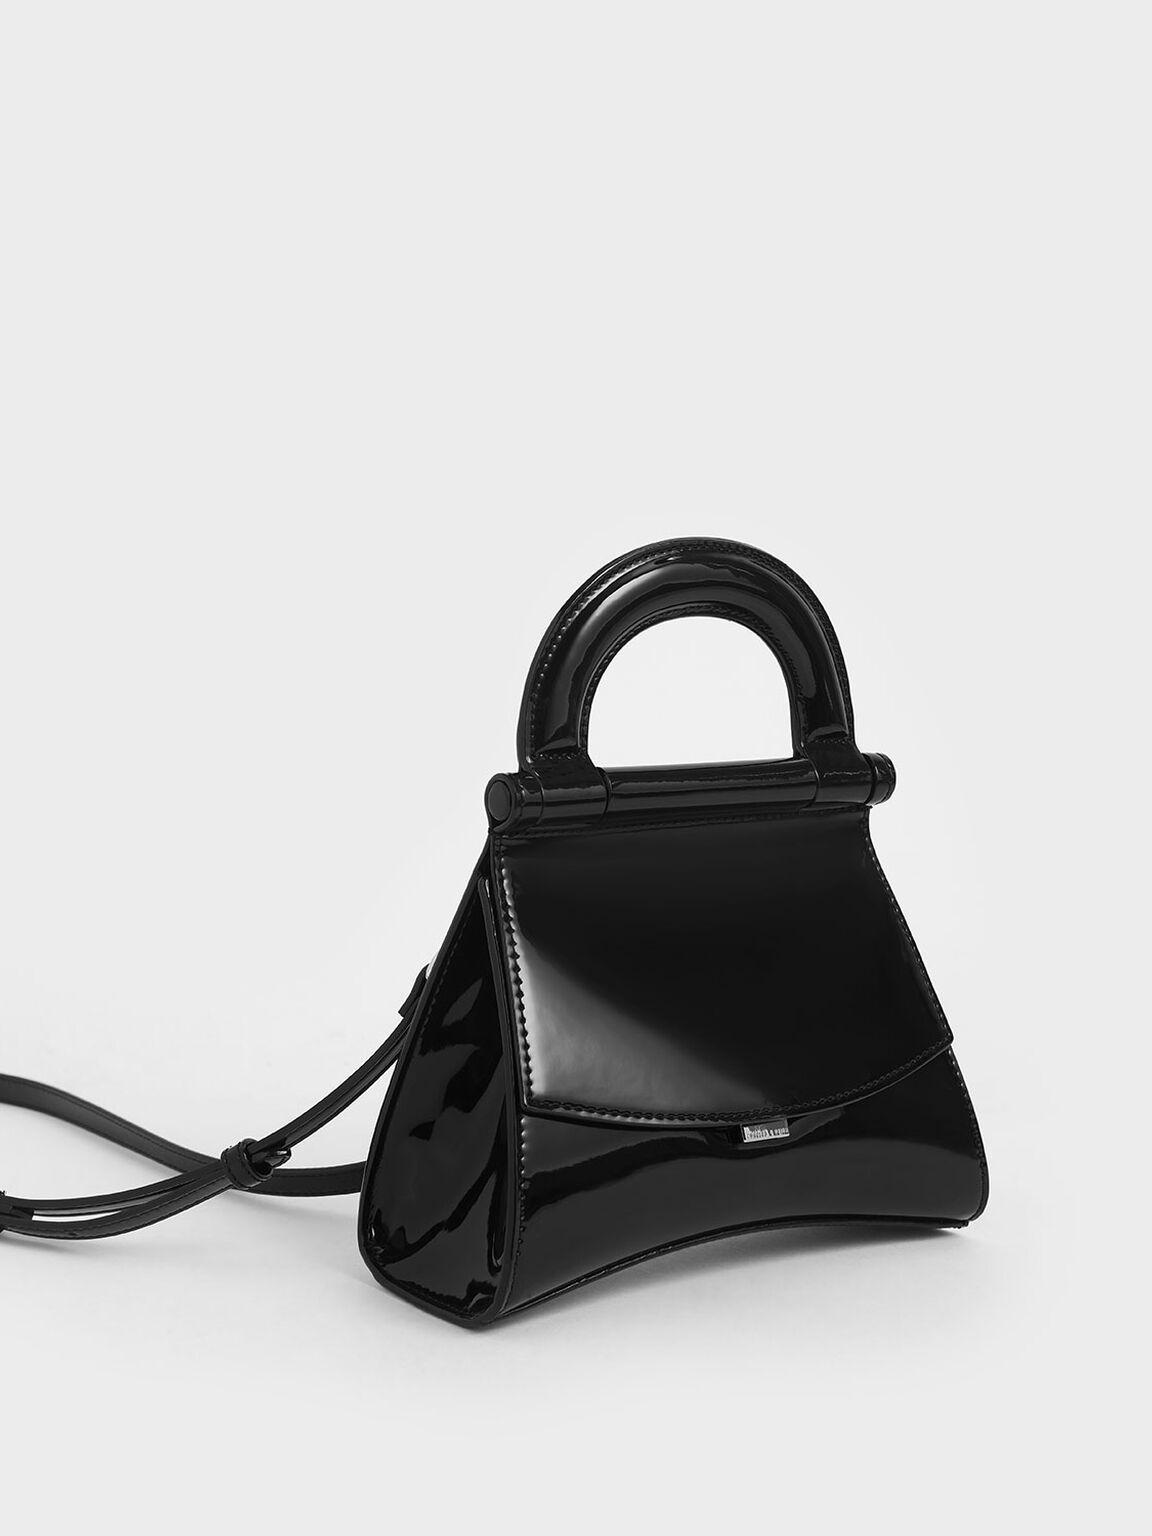 亮面掀蓋手提包, 黑色, hi-res